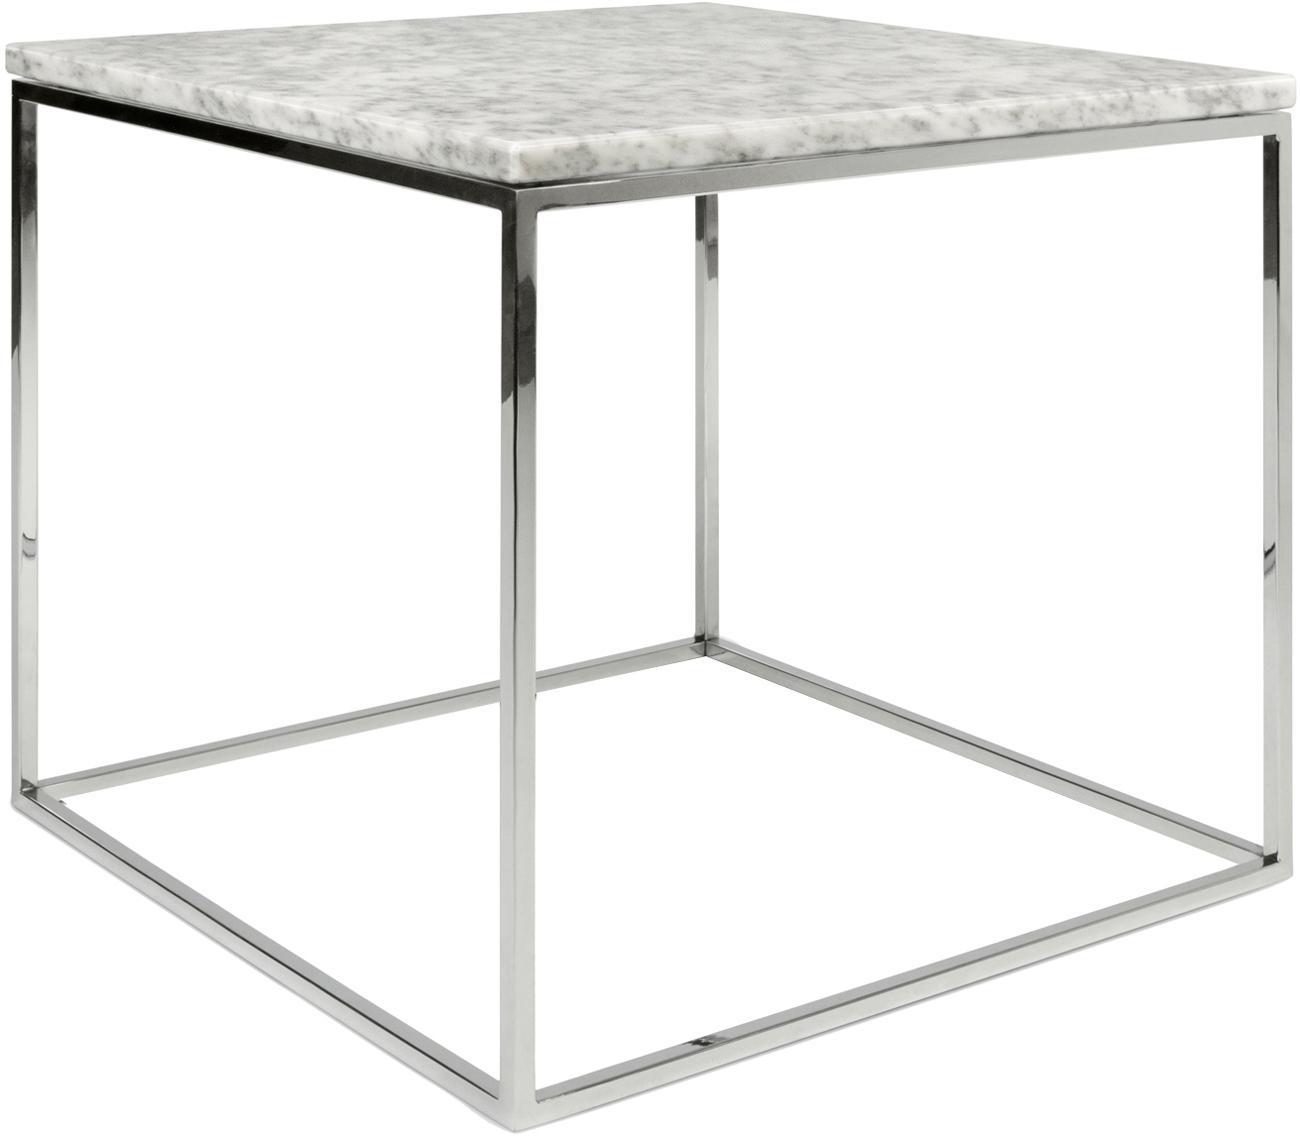 Marmor-Beistelltisch Gleam, Tischplatte: Marmor, Gestell: Stahl, verchromt, Tischplatte: Weiß, marmoriert<br>Gestell: Chrom, 50 x 45 cm